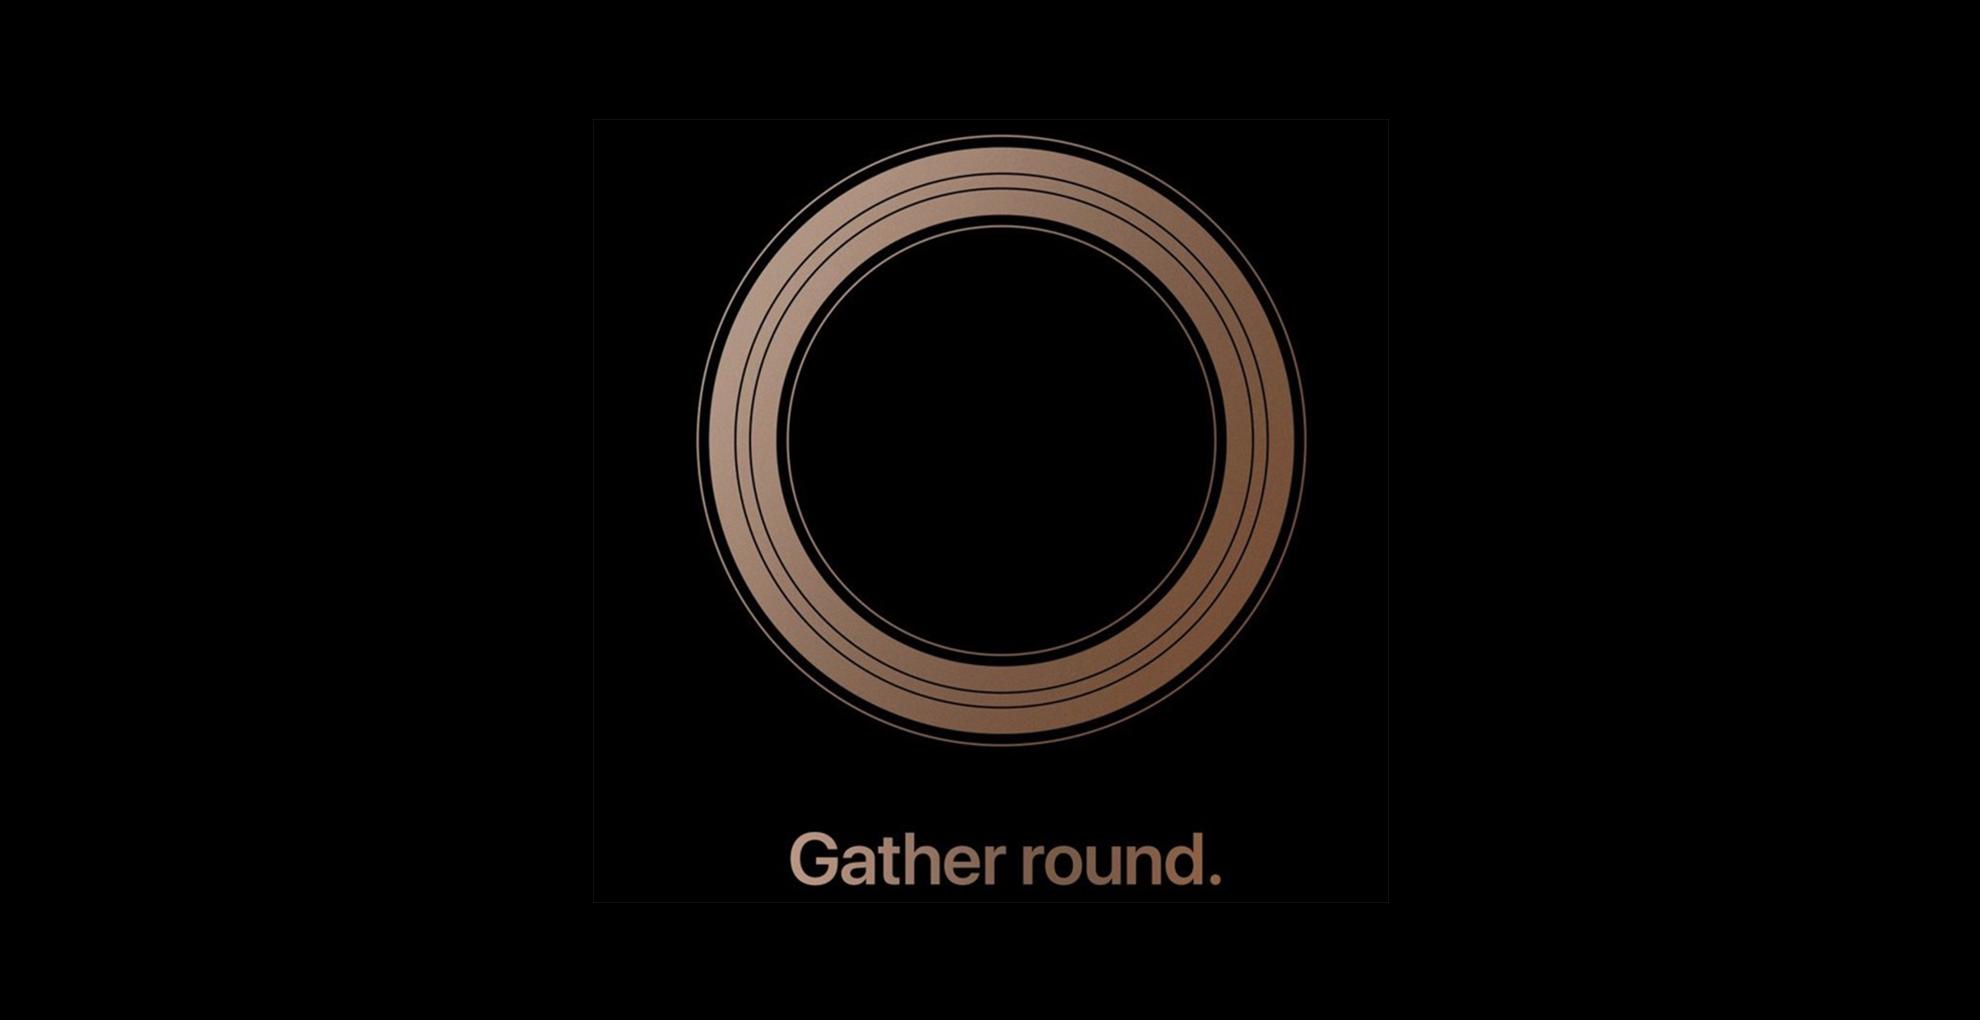 Apple rozeslal pozvánky na podzimní keynote, dočkáme se mnoha novinek